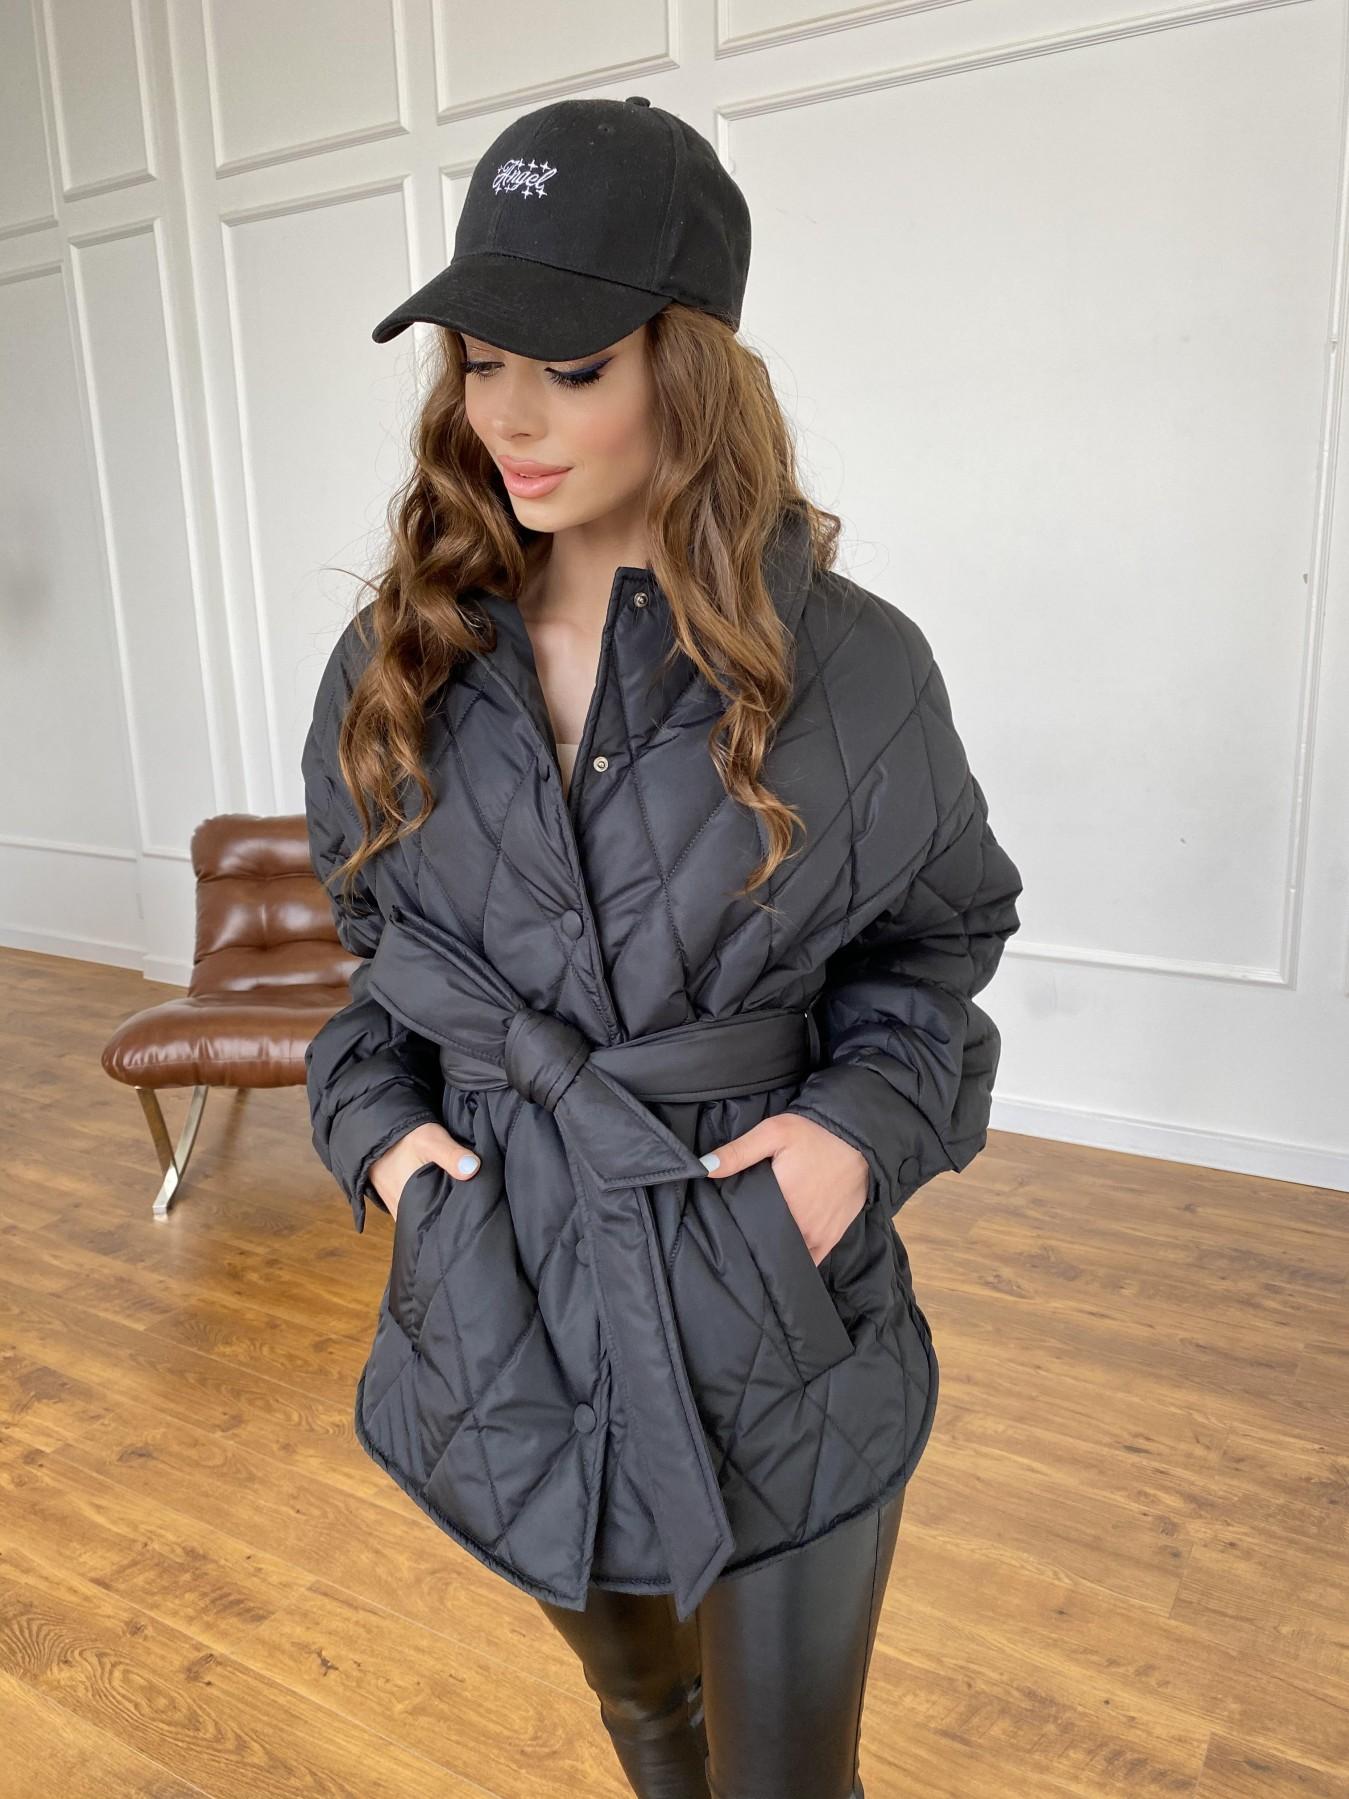 Моно куртка из плащевой ткани Ammy 10972 АРТ. 47618 Цвет: Черный - фото 3, интернет магазин tm-modus.ru